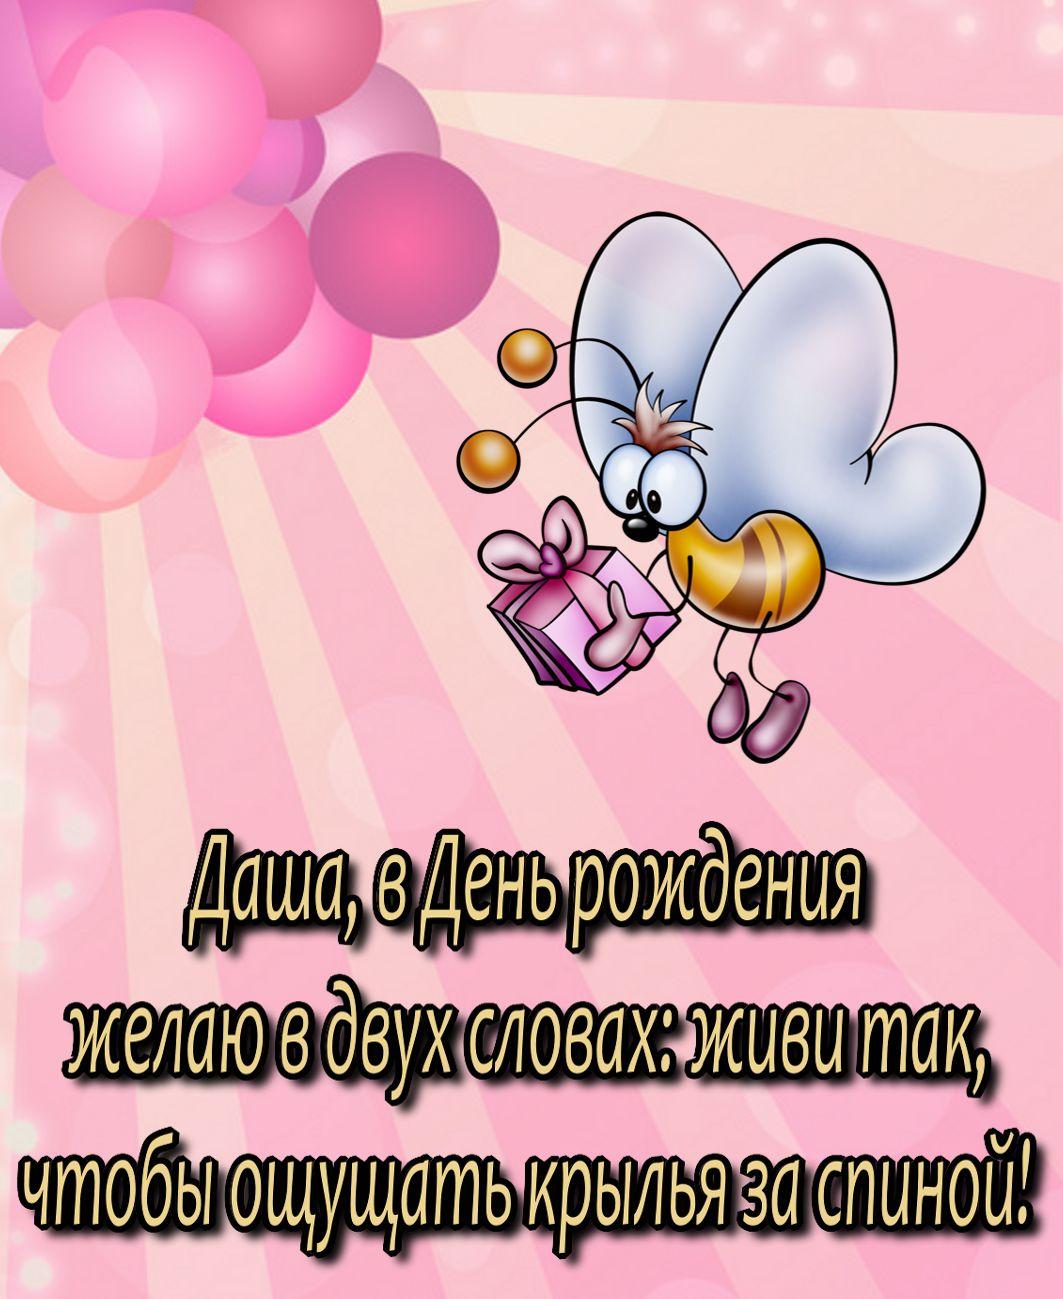 Поздравления с днём рождения дарья